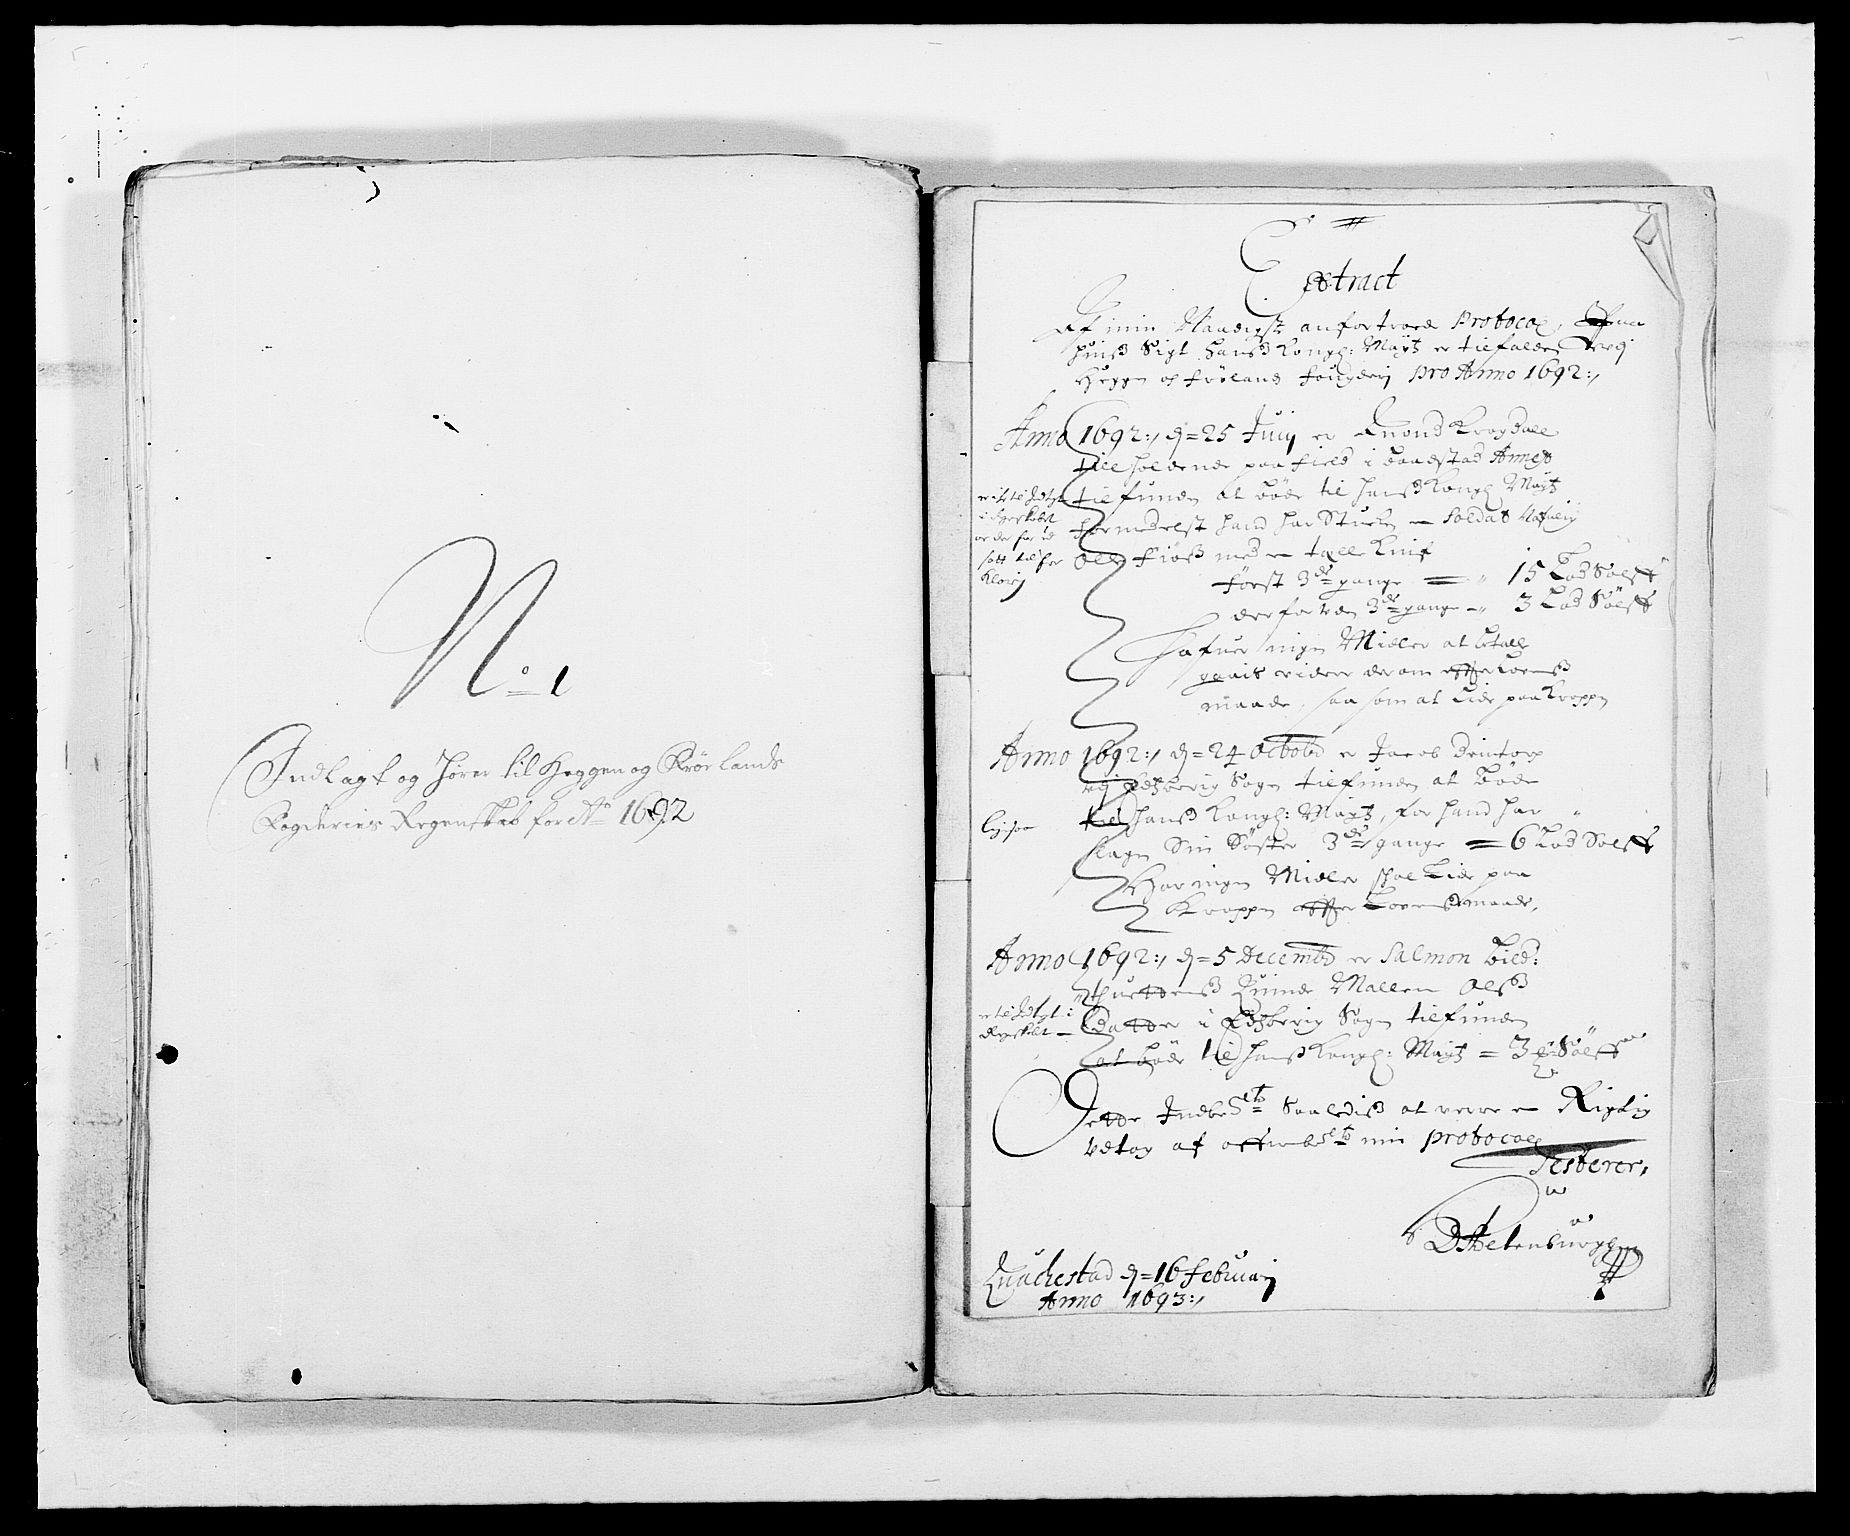 RA, Rentekammeret inntil 1814, Reviderte regnskaper, Fogderegnskap, R06/L0283: Fogderegnskap Heggen og Frøland, 1691-1693, s. 144